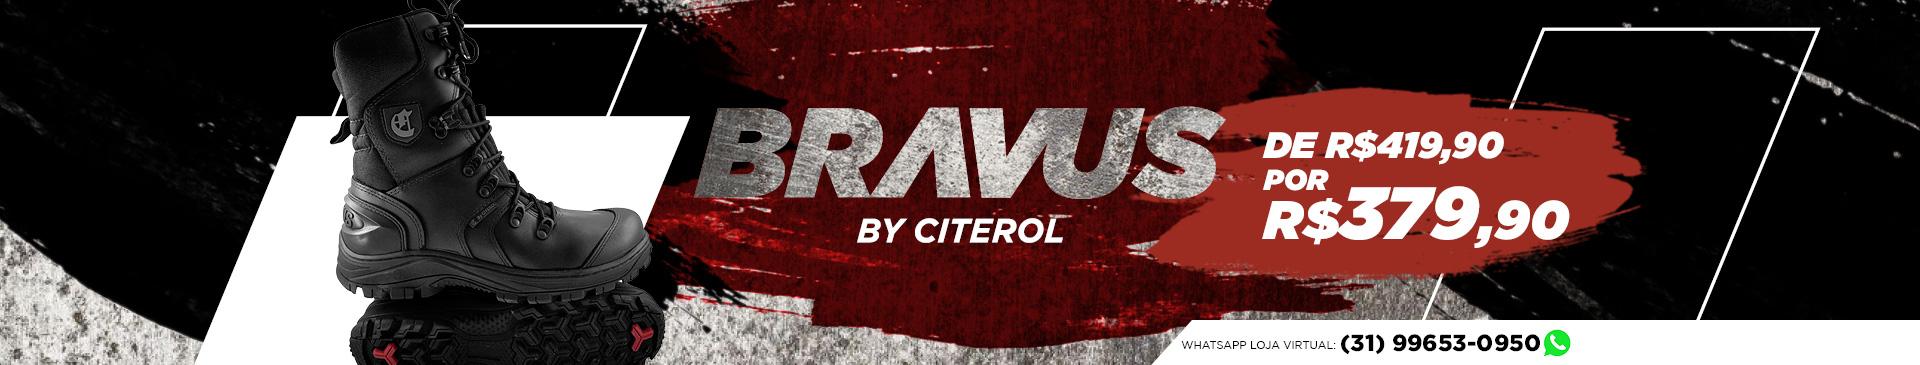 banner-bravus